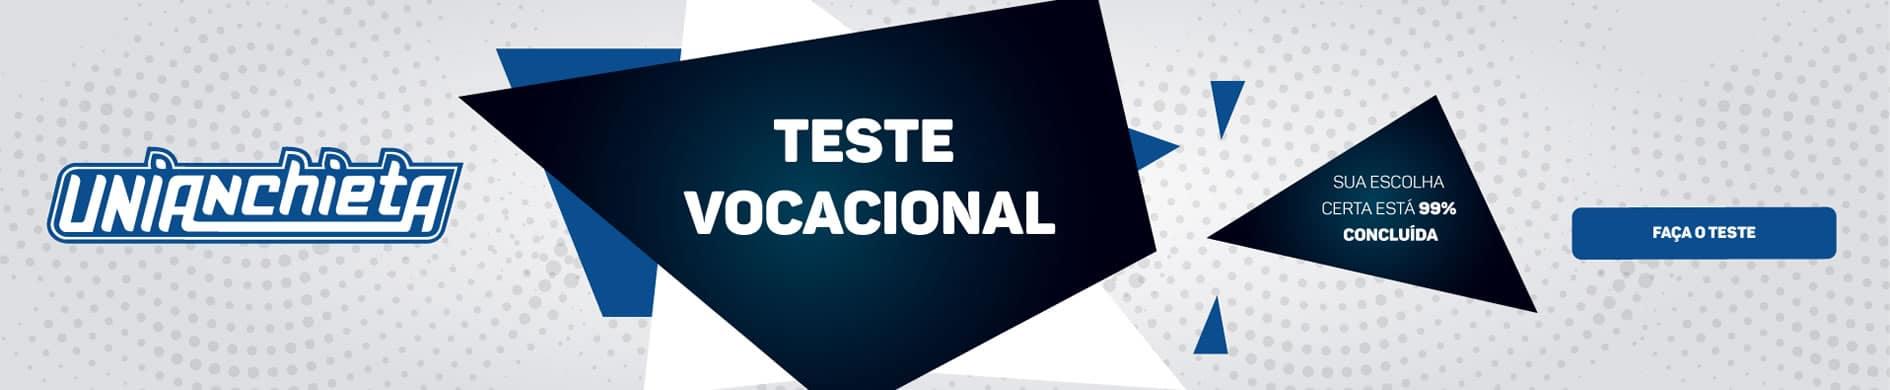 banner-teste-vocacional-home